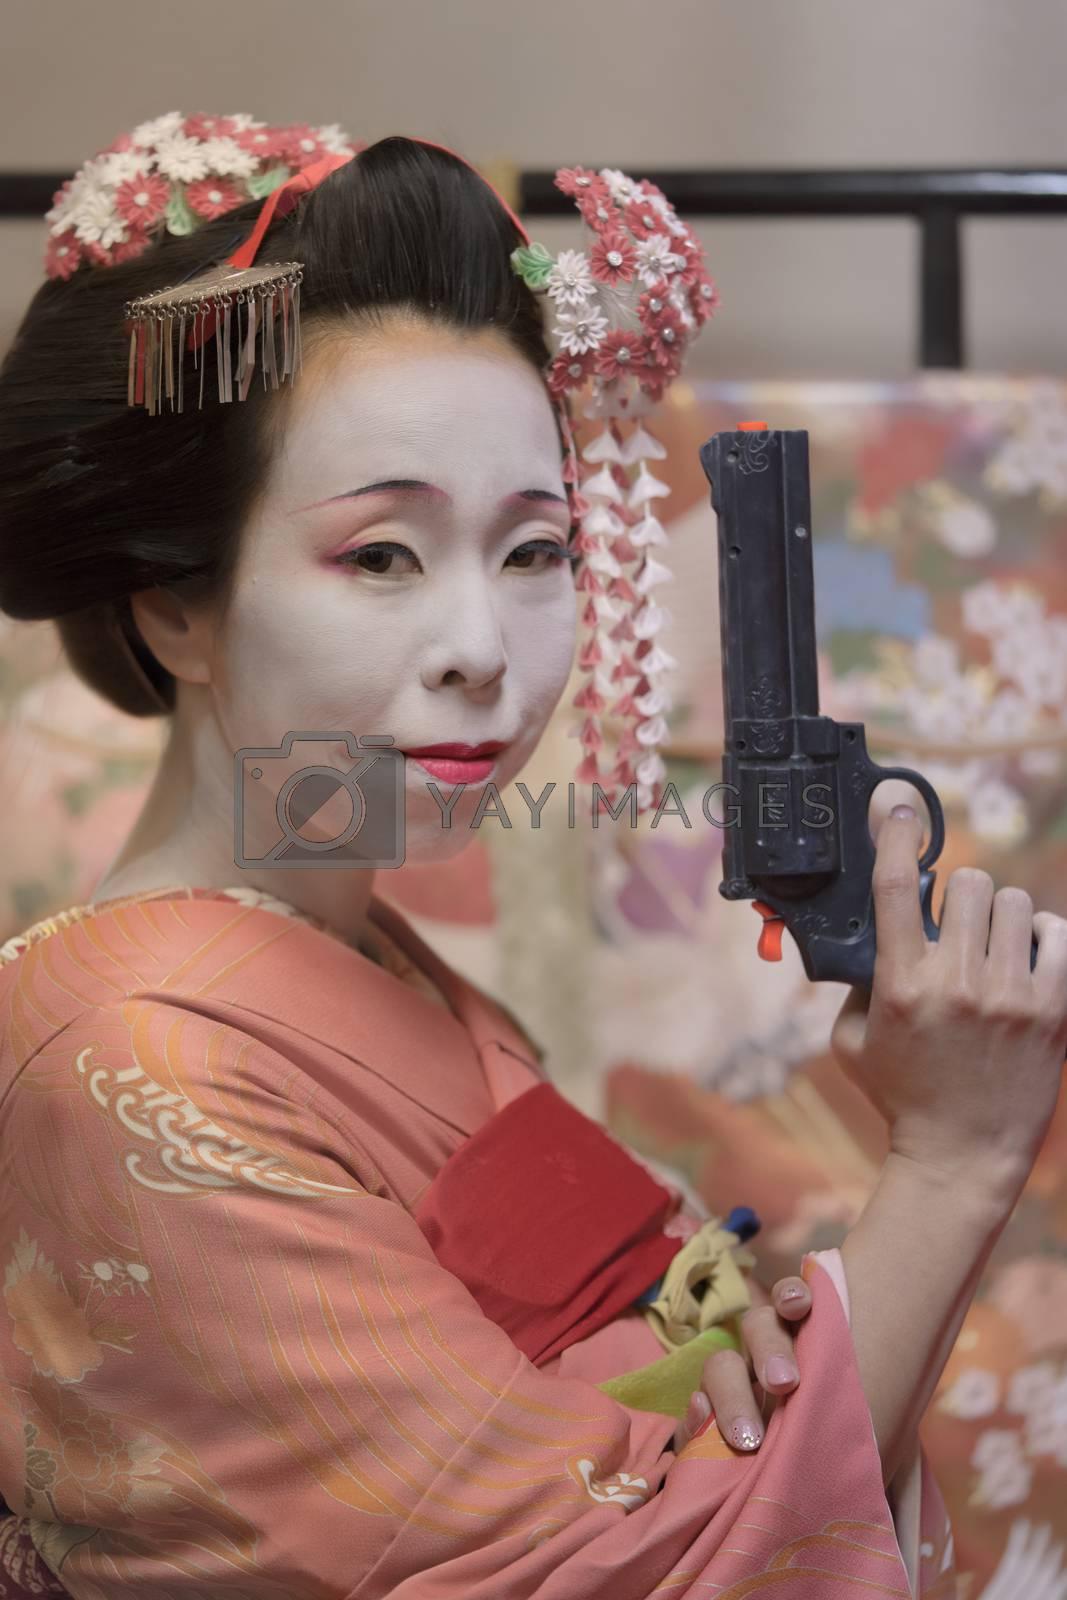 Maiko in kimono holding a plastic gun in her hand.